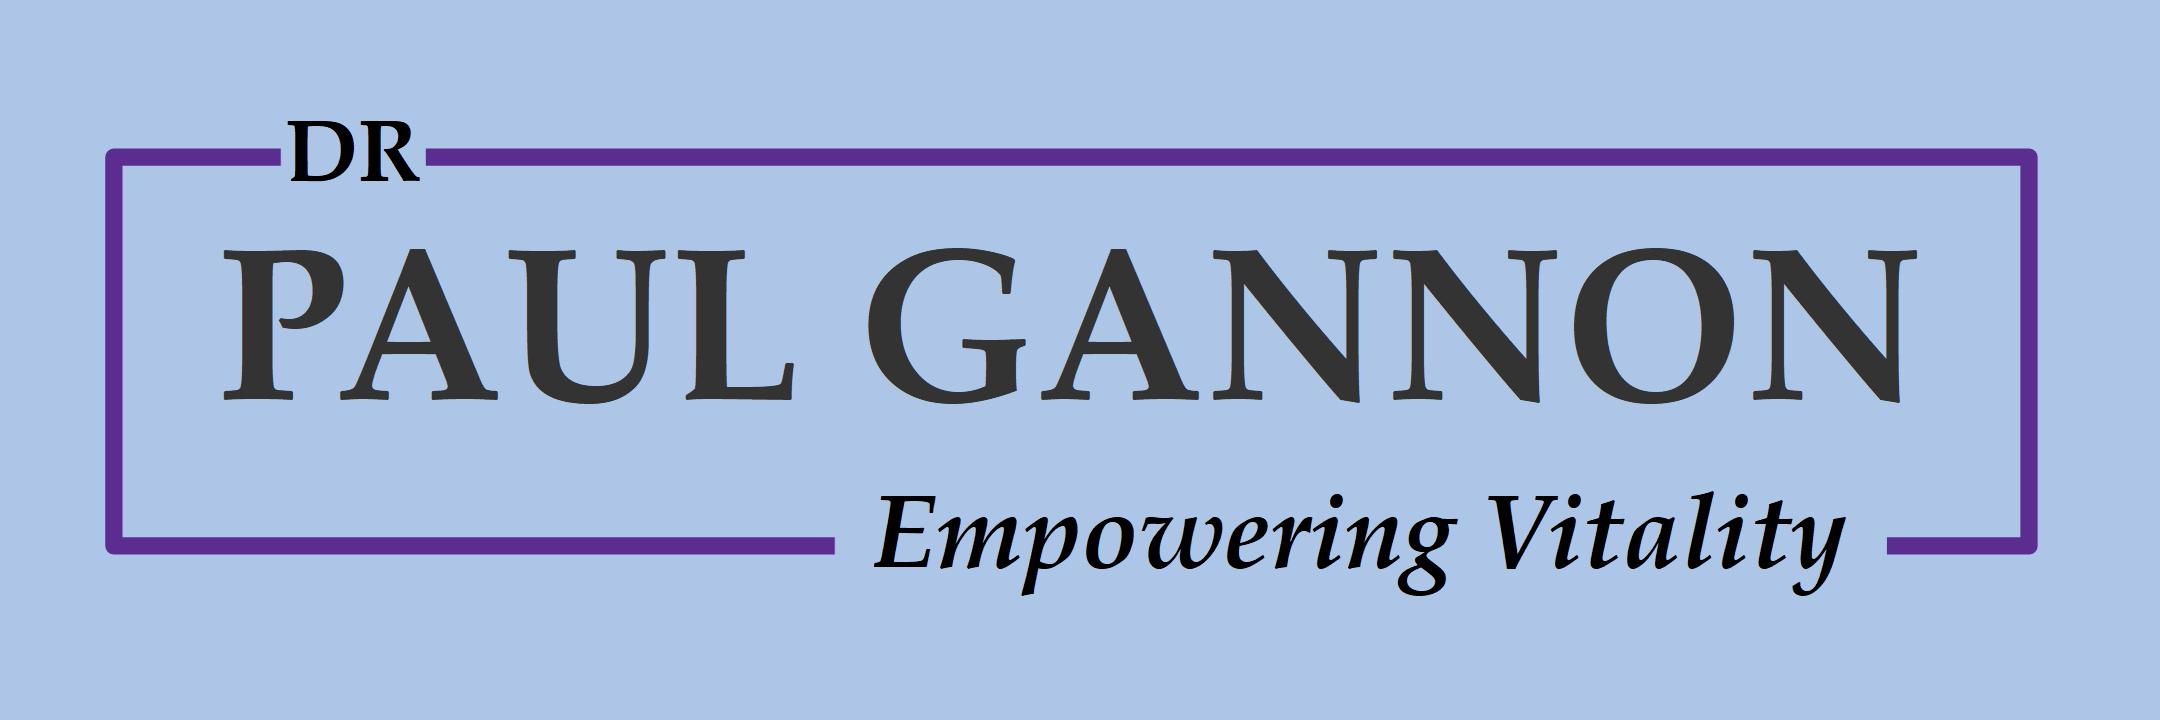 Dr. Paul Gannon